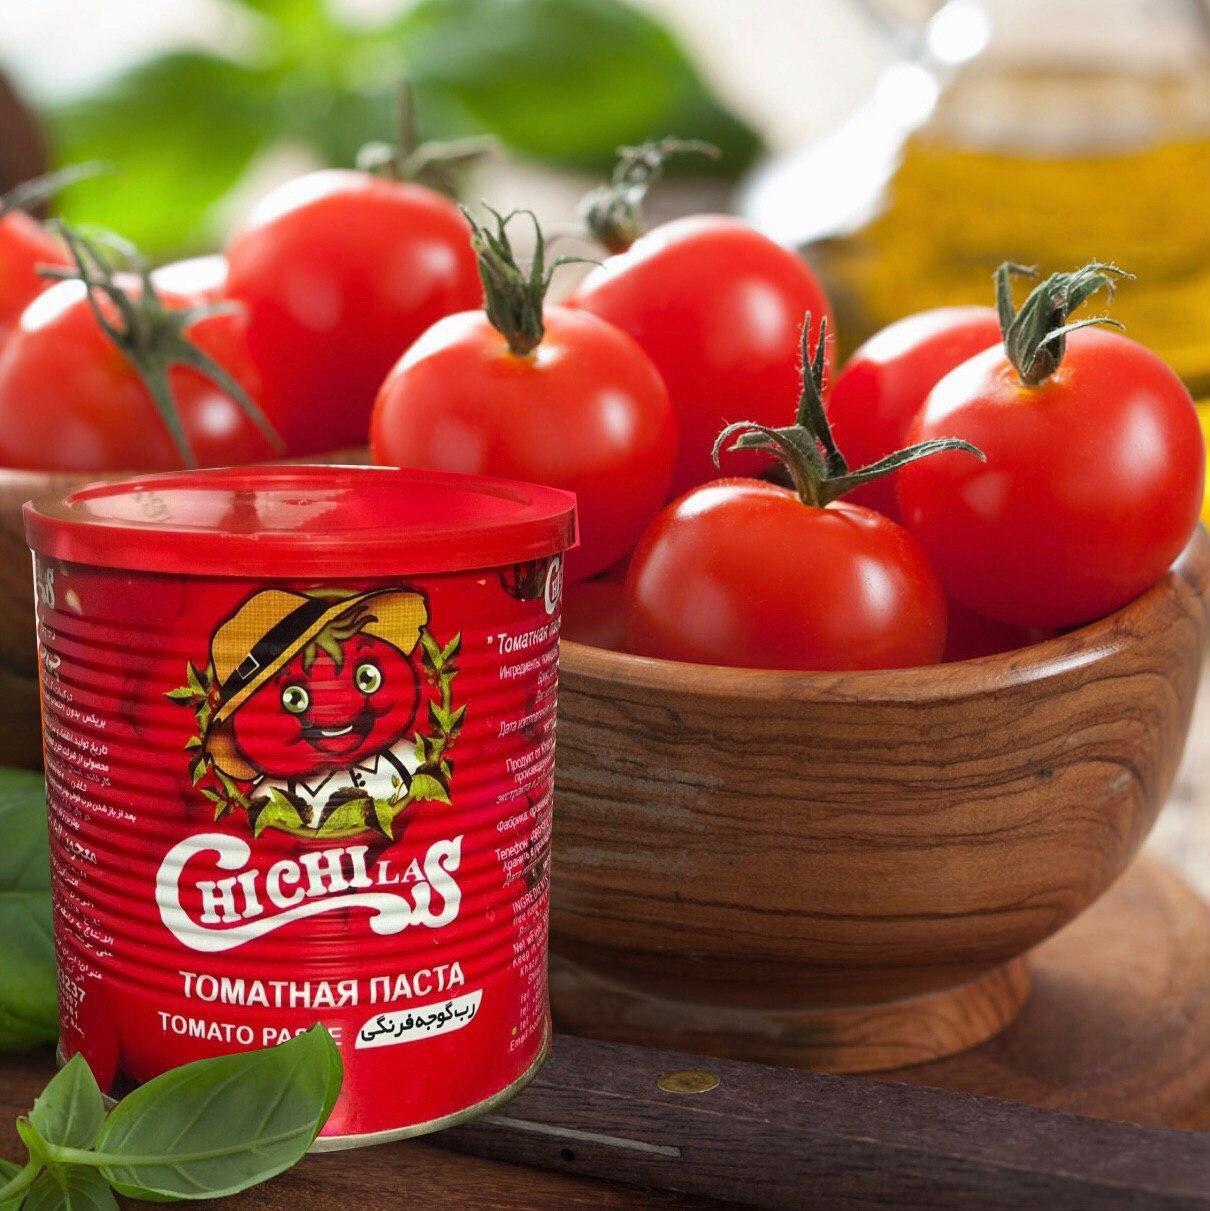 تولید رب گوجه فرنگی 800 گرمی قوطی چی چی لاس